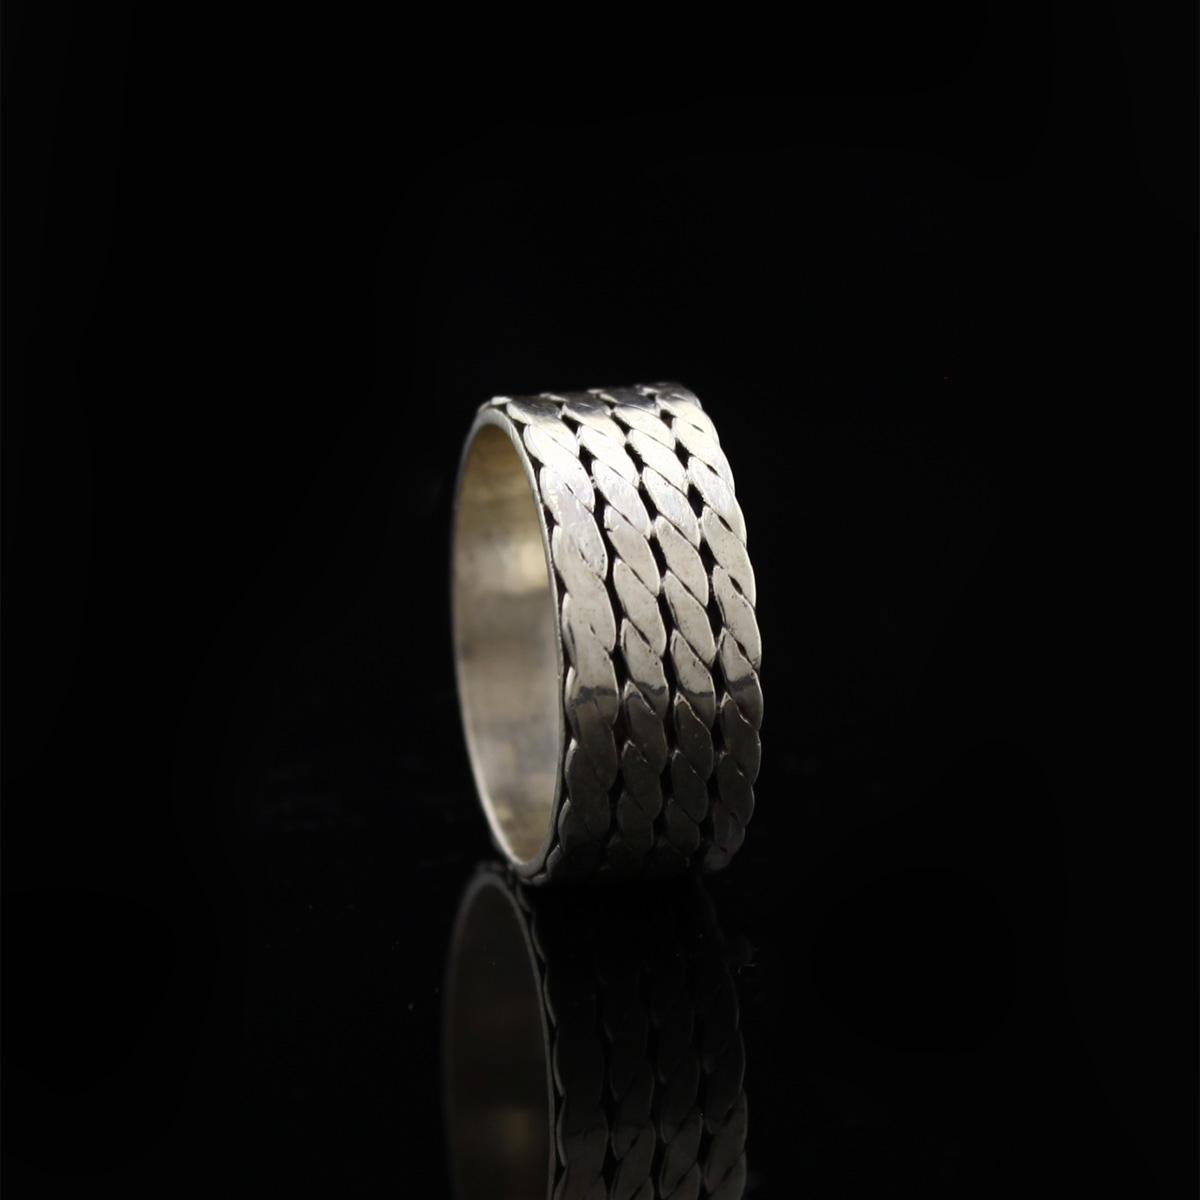 Кольцо, серебро, 6.99 г, проба 875, размер 18